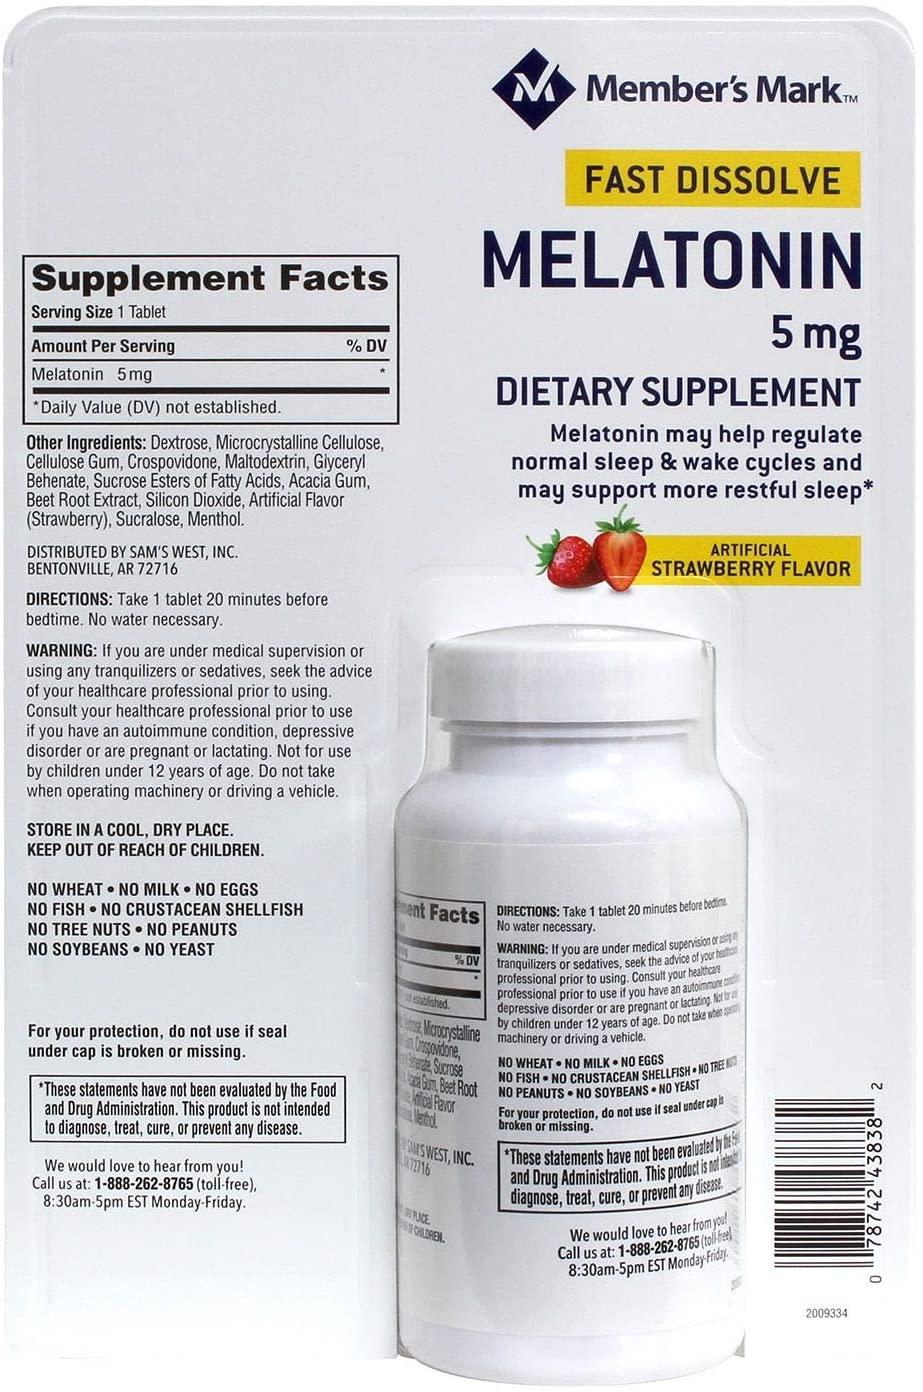 MEMBER'S MARK Melatonin 5mg Fast Dissolve (260 ct.)